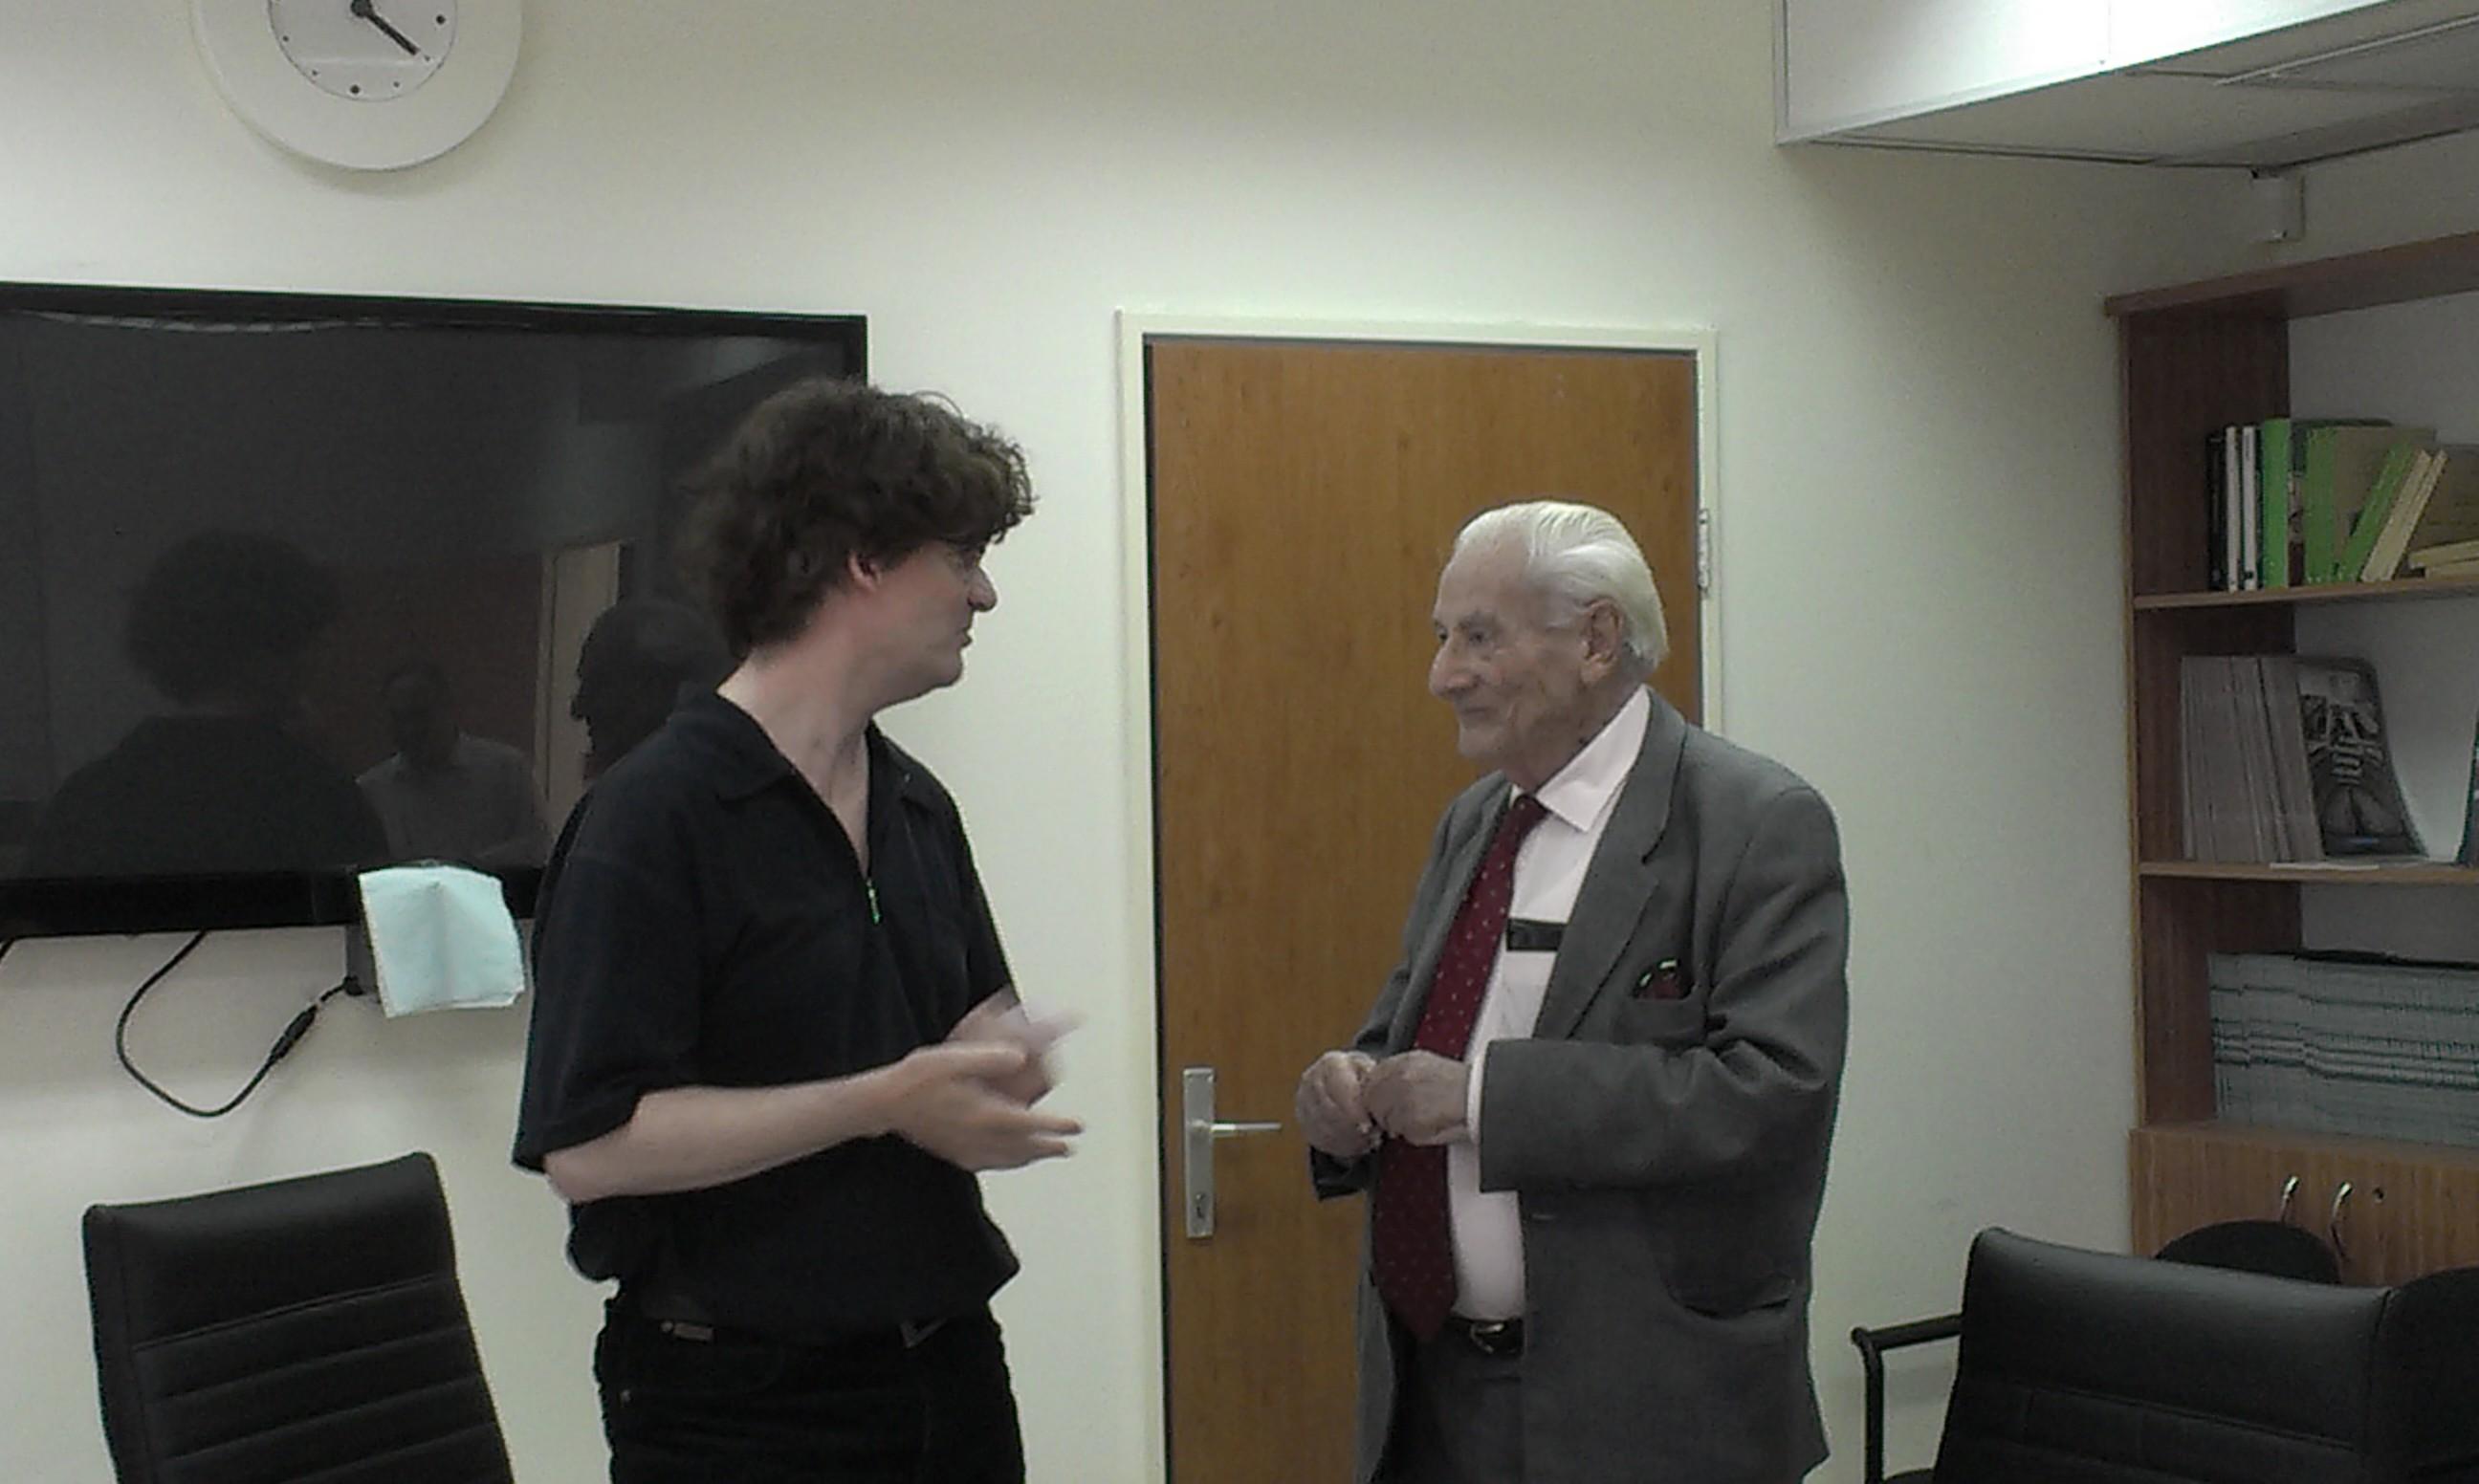 Clemens Heni mit Gabriel Bach, Nebenkläger im Eichmann-Prozess, nach einem Vortrag von Heni beim World Jewish Congress am 27. Mai 2013 in Jerusalem